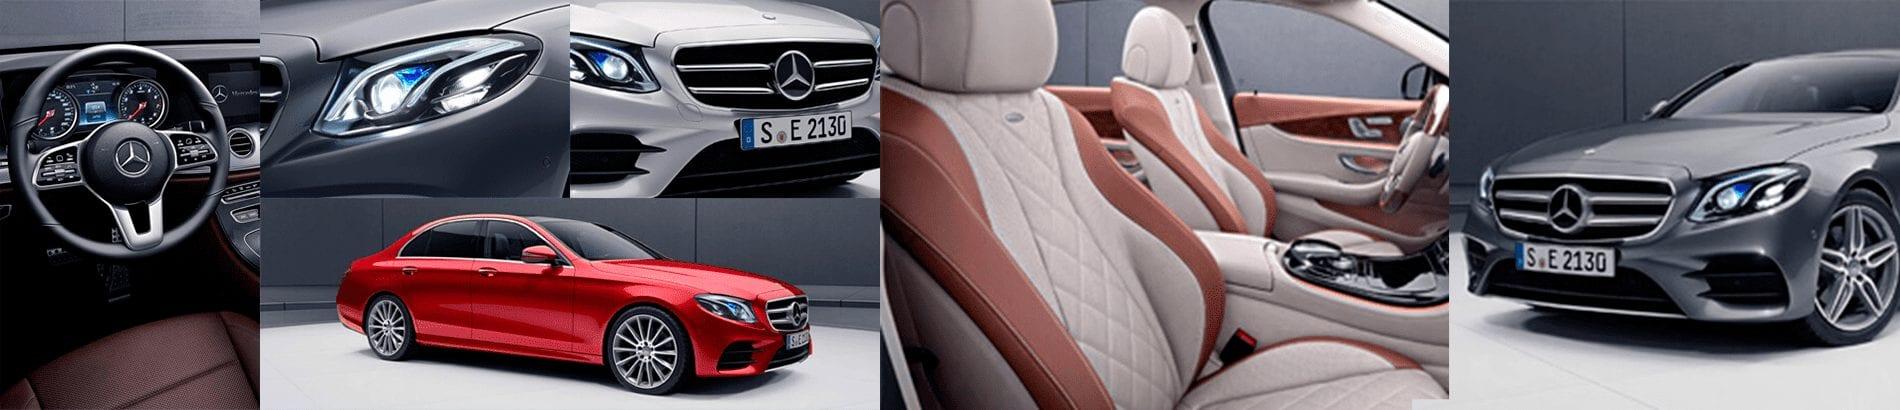 Mercedes-Benz Clase E mosaico